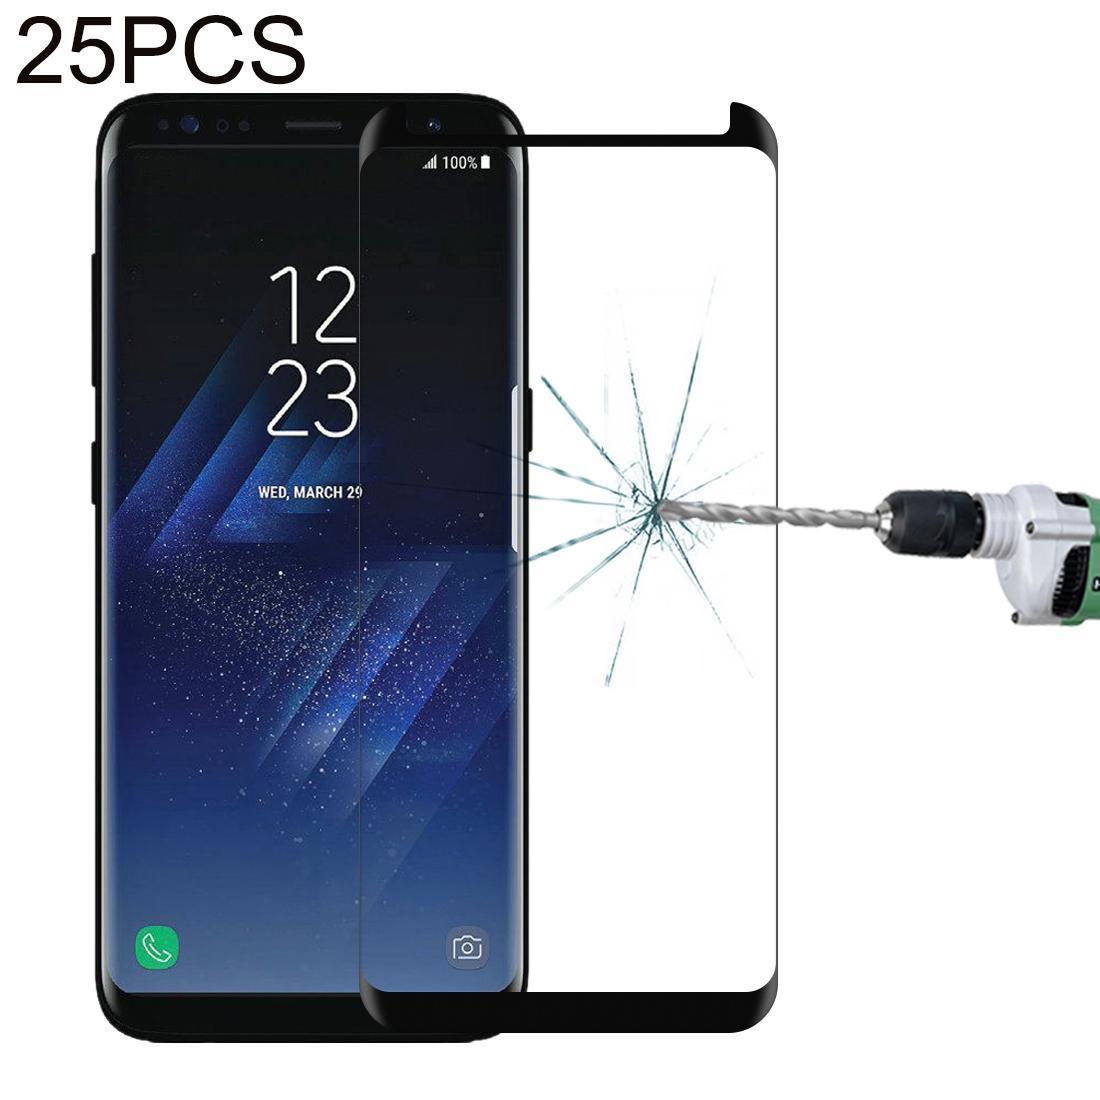 25 PCS pour Galaxy S8 Plus / G955 0.26mm 9H Surface dureté Antidéflagrant 3D non-plein bord colle écran incurvé Cas amical en verre trempé